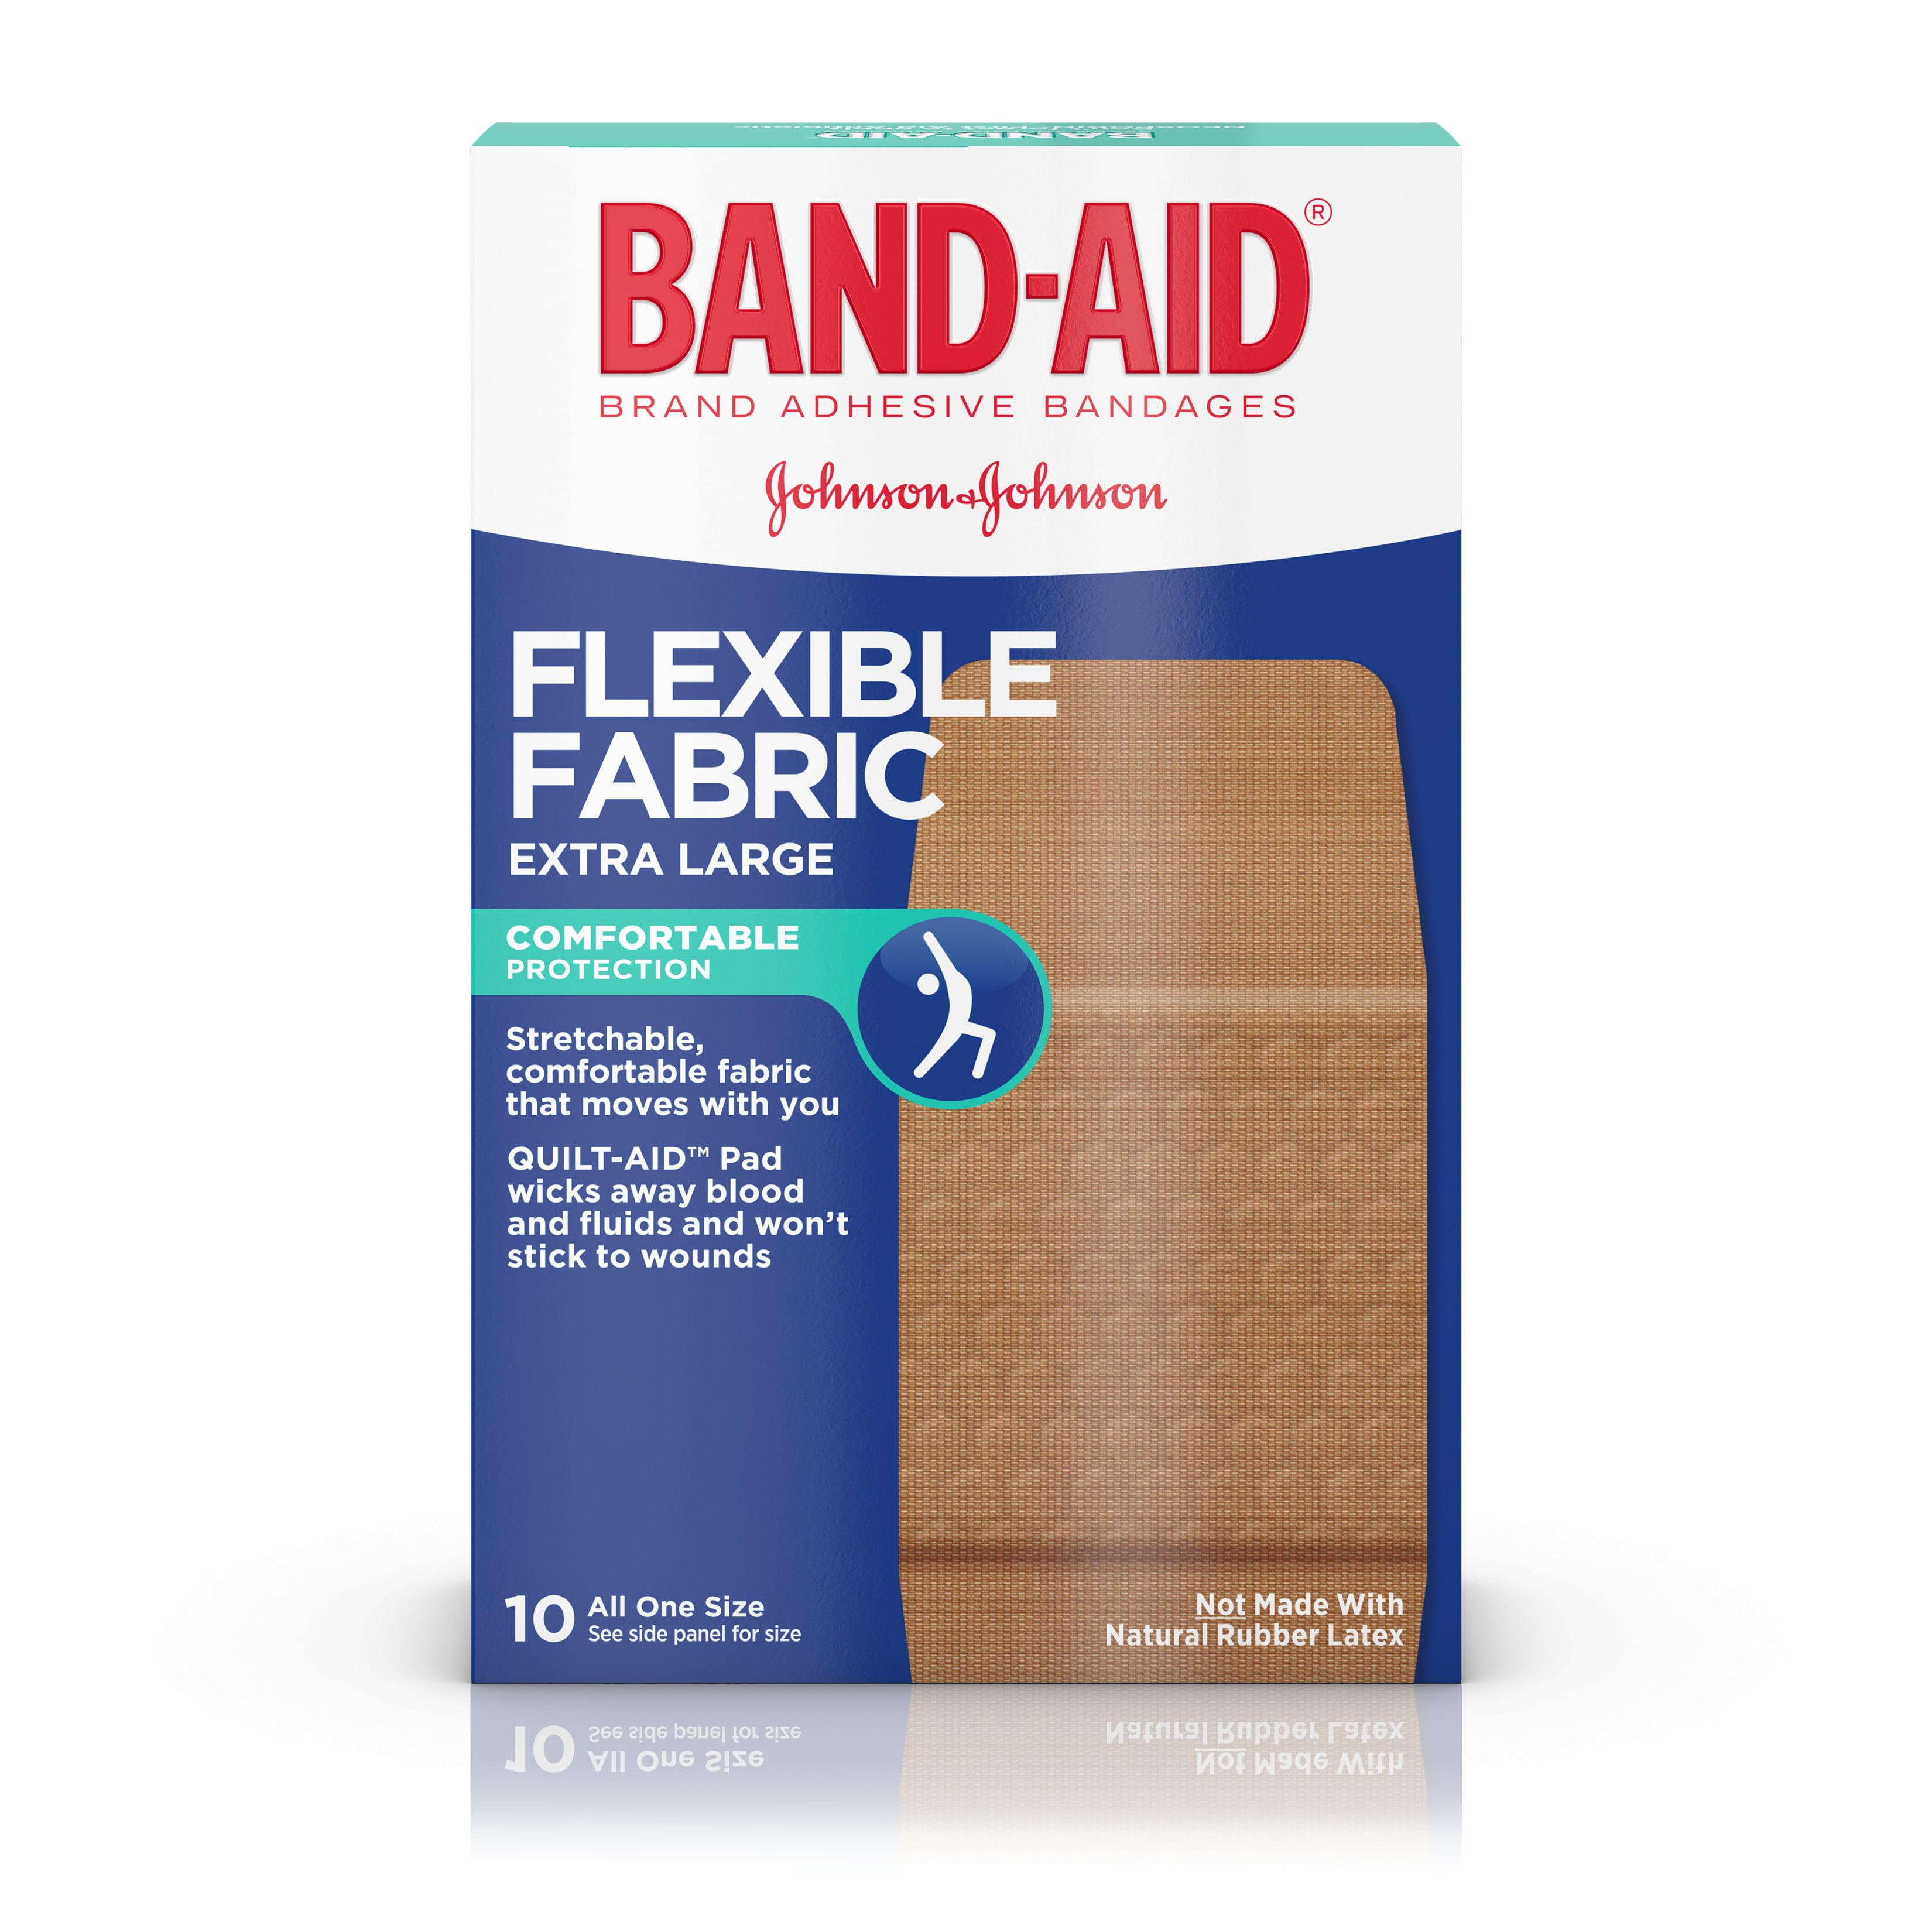 Band-Aid Brand Flexible Fabric Adhesive Bandages, Extra Large, 10 ct